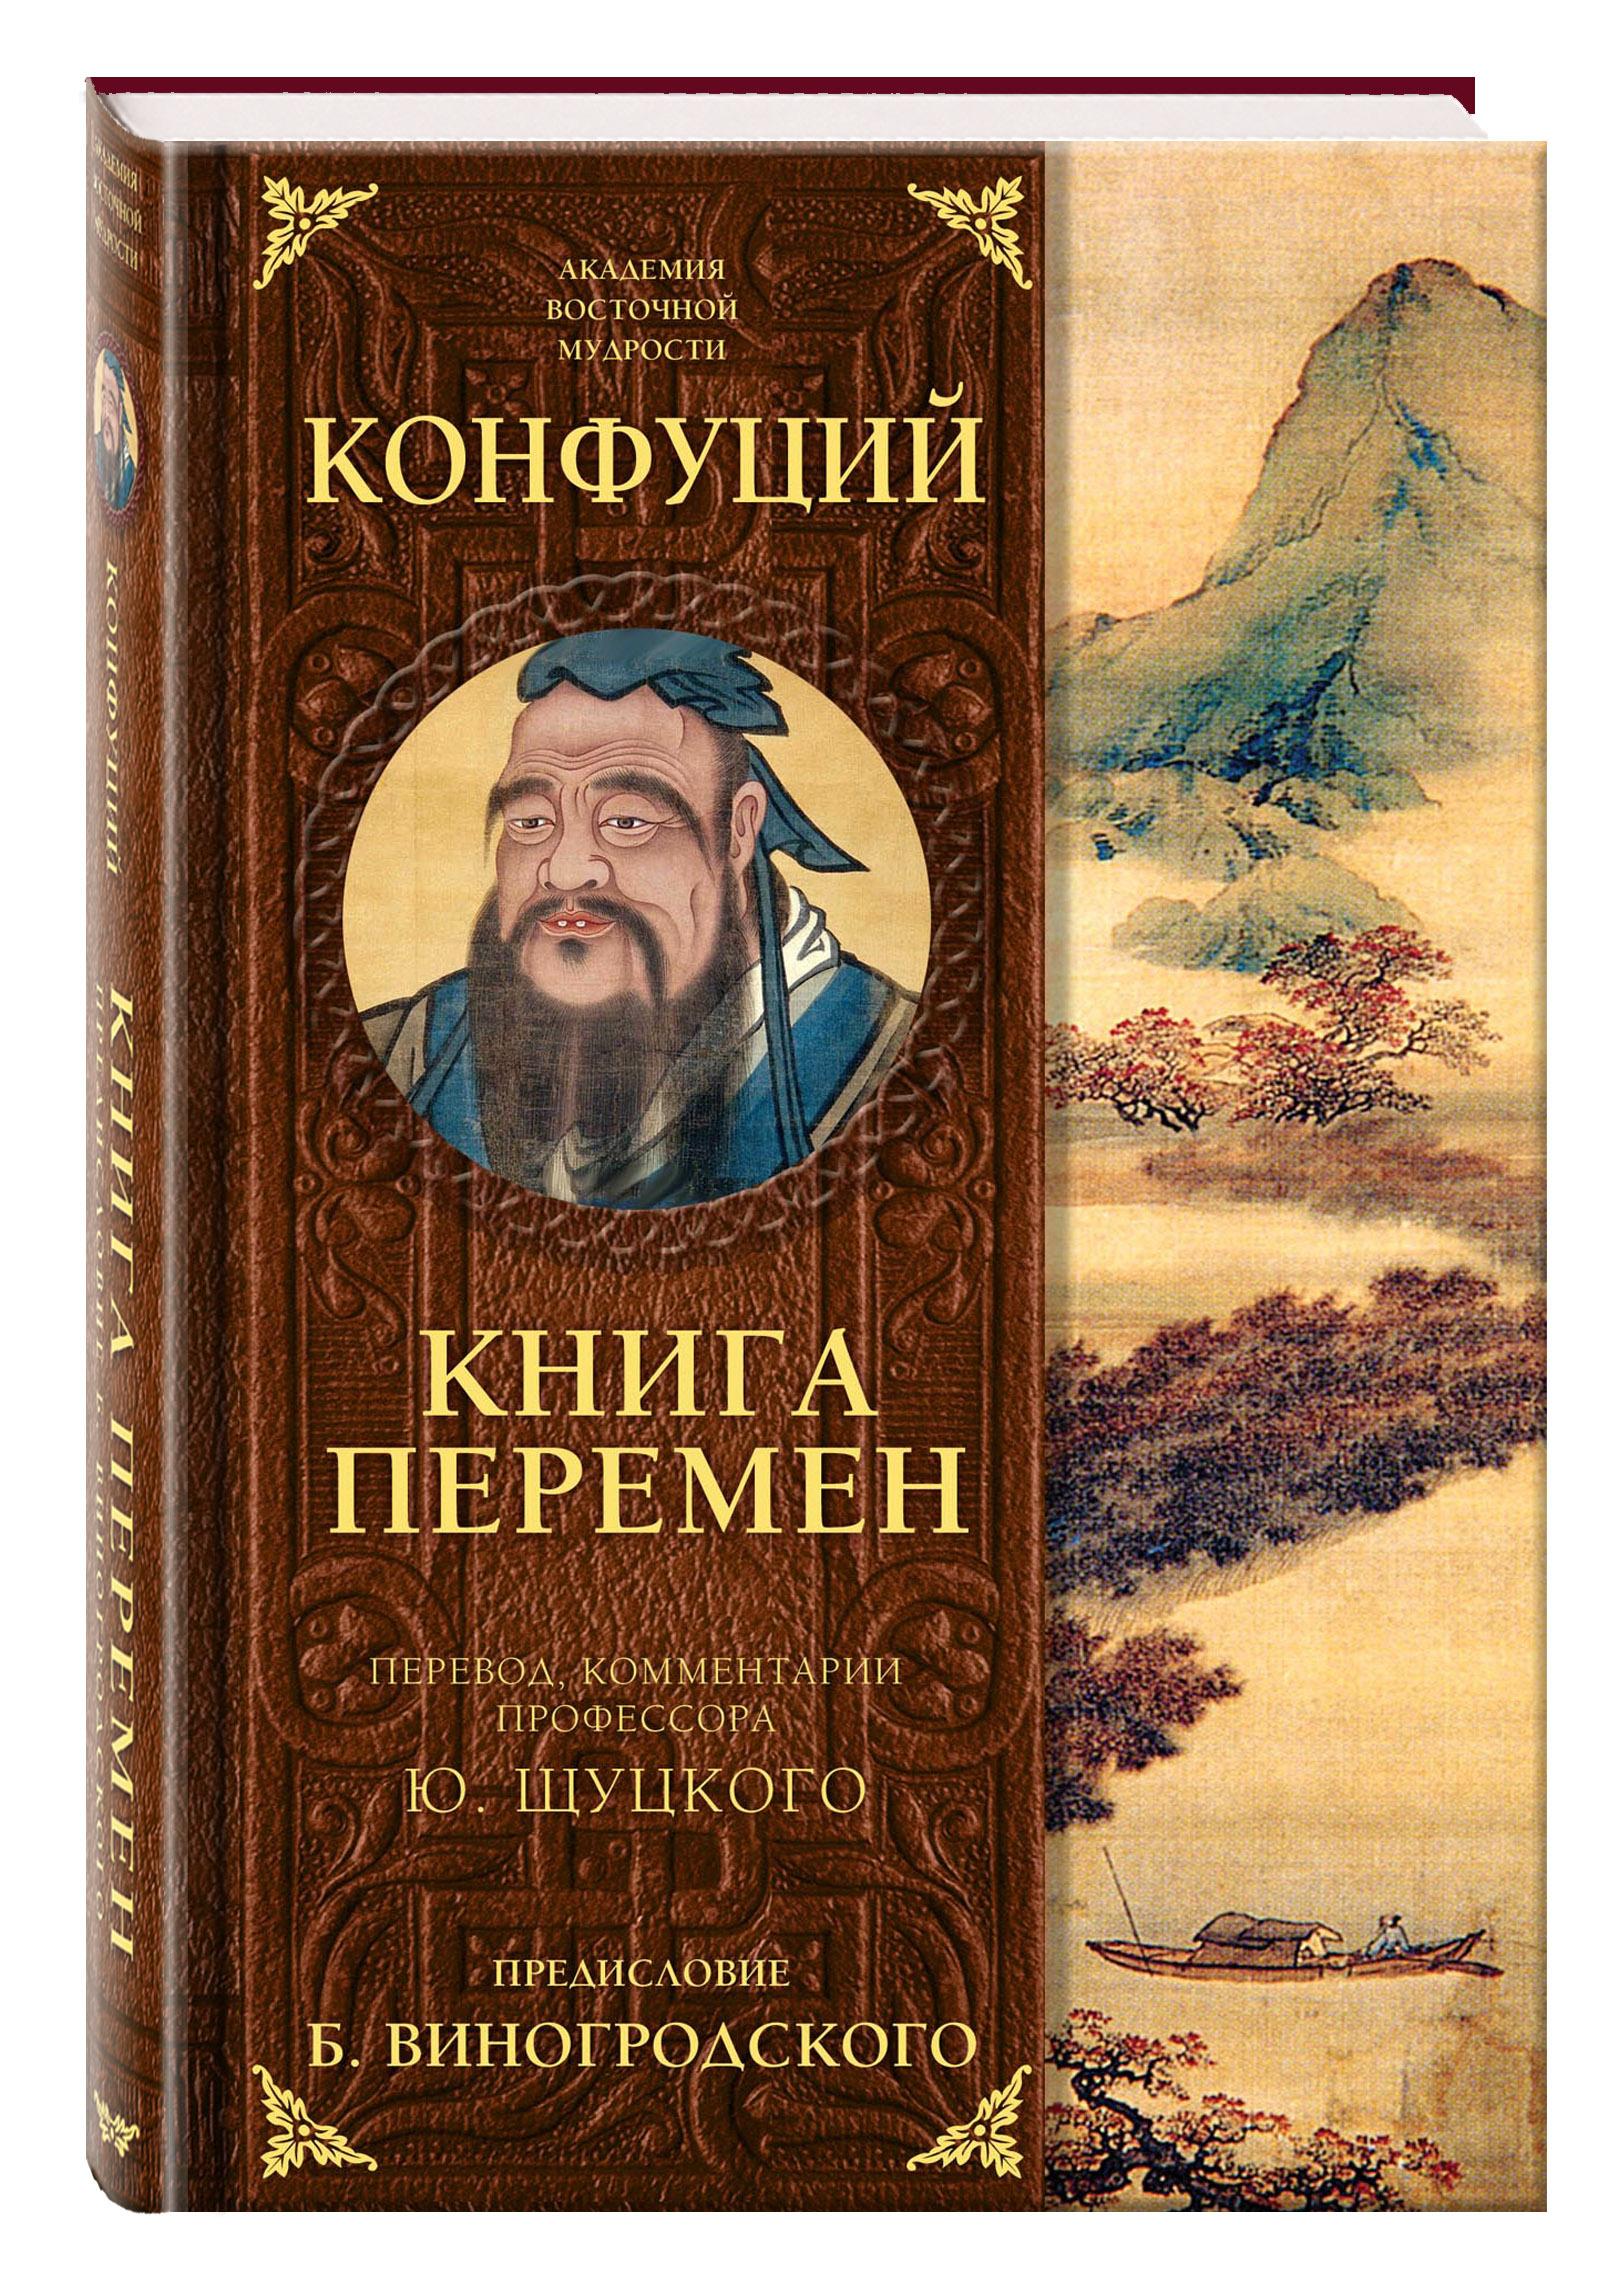 Книга перемен Конфуция с комментариями Ю. Щуцкого (оф.2) ( Щуцкий Ю., Конфуций, Виногродский Б.Б.  )